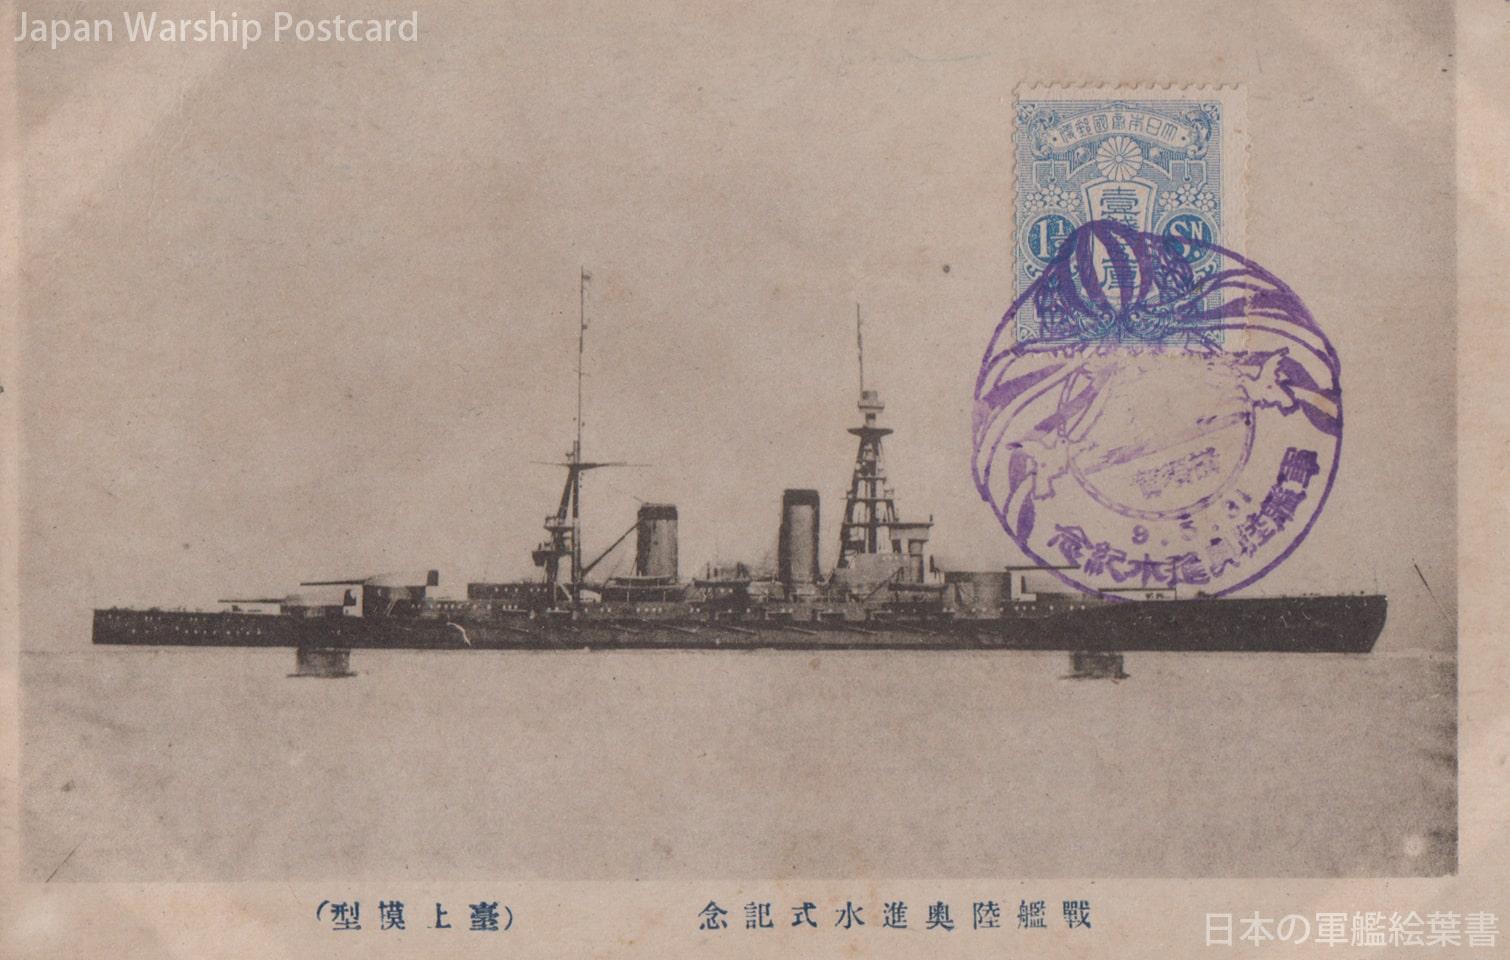 戦艦陸奥進水式記念(台上模型)